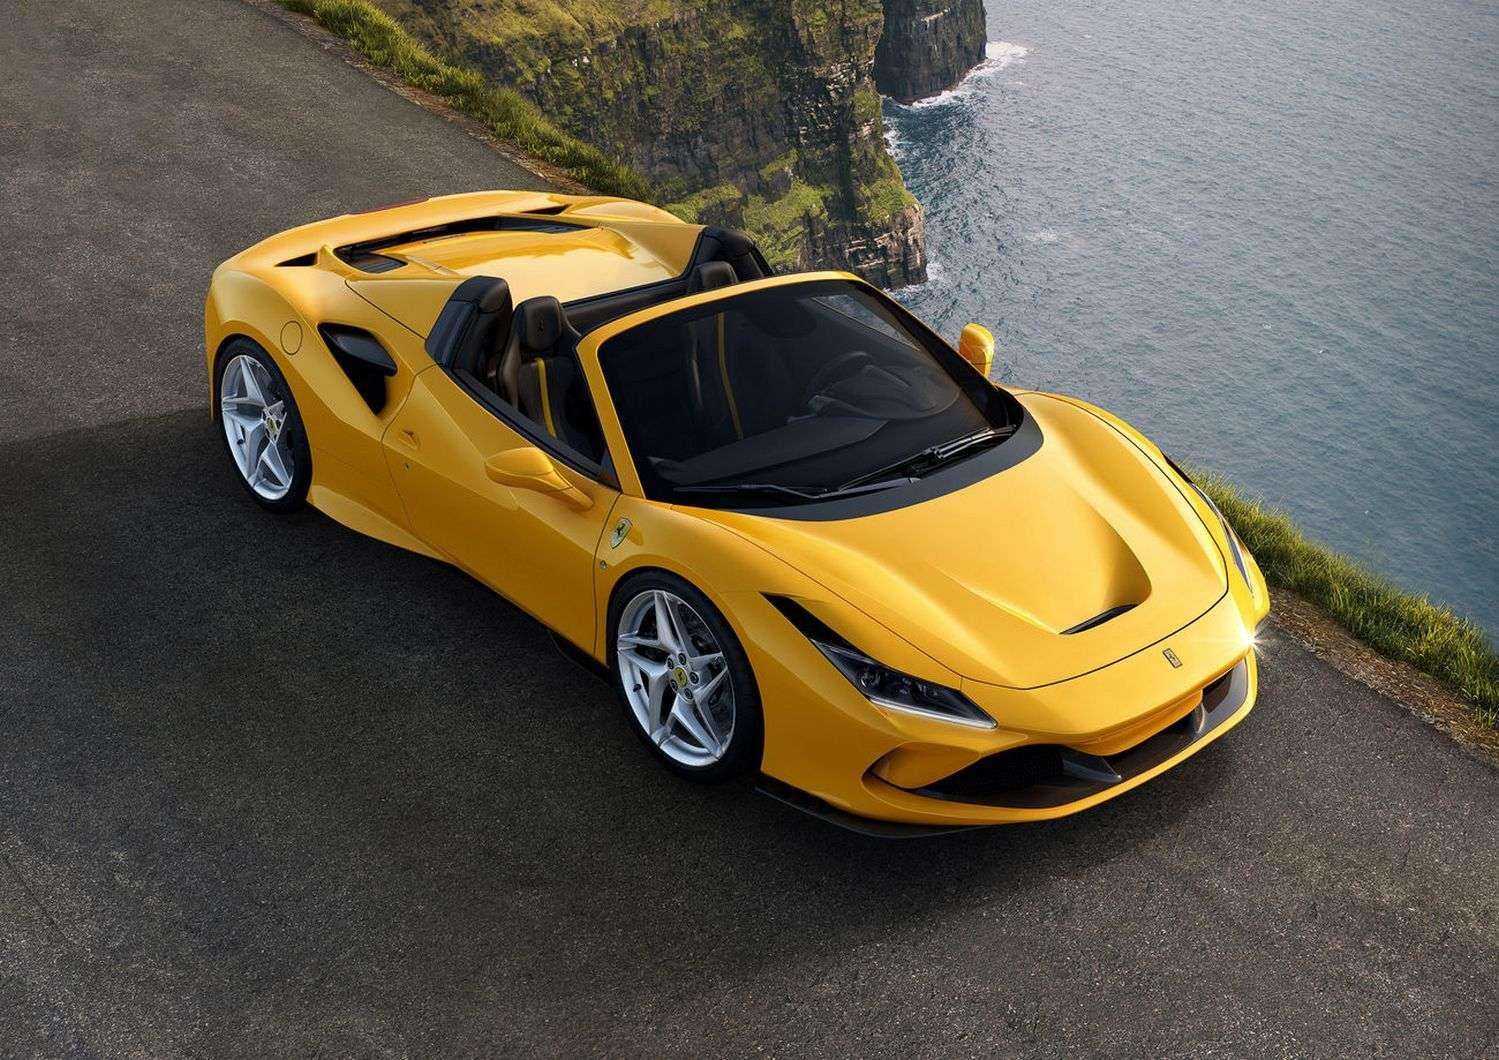 Avec son premier modèle électrique, Ferrari espère conquérir une nouvelle clientèle. © Ferrari